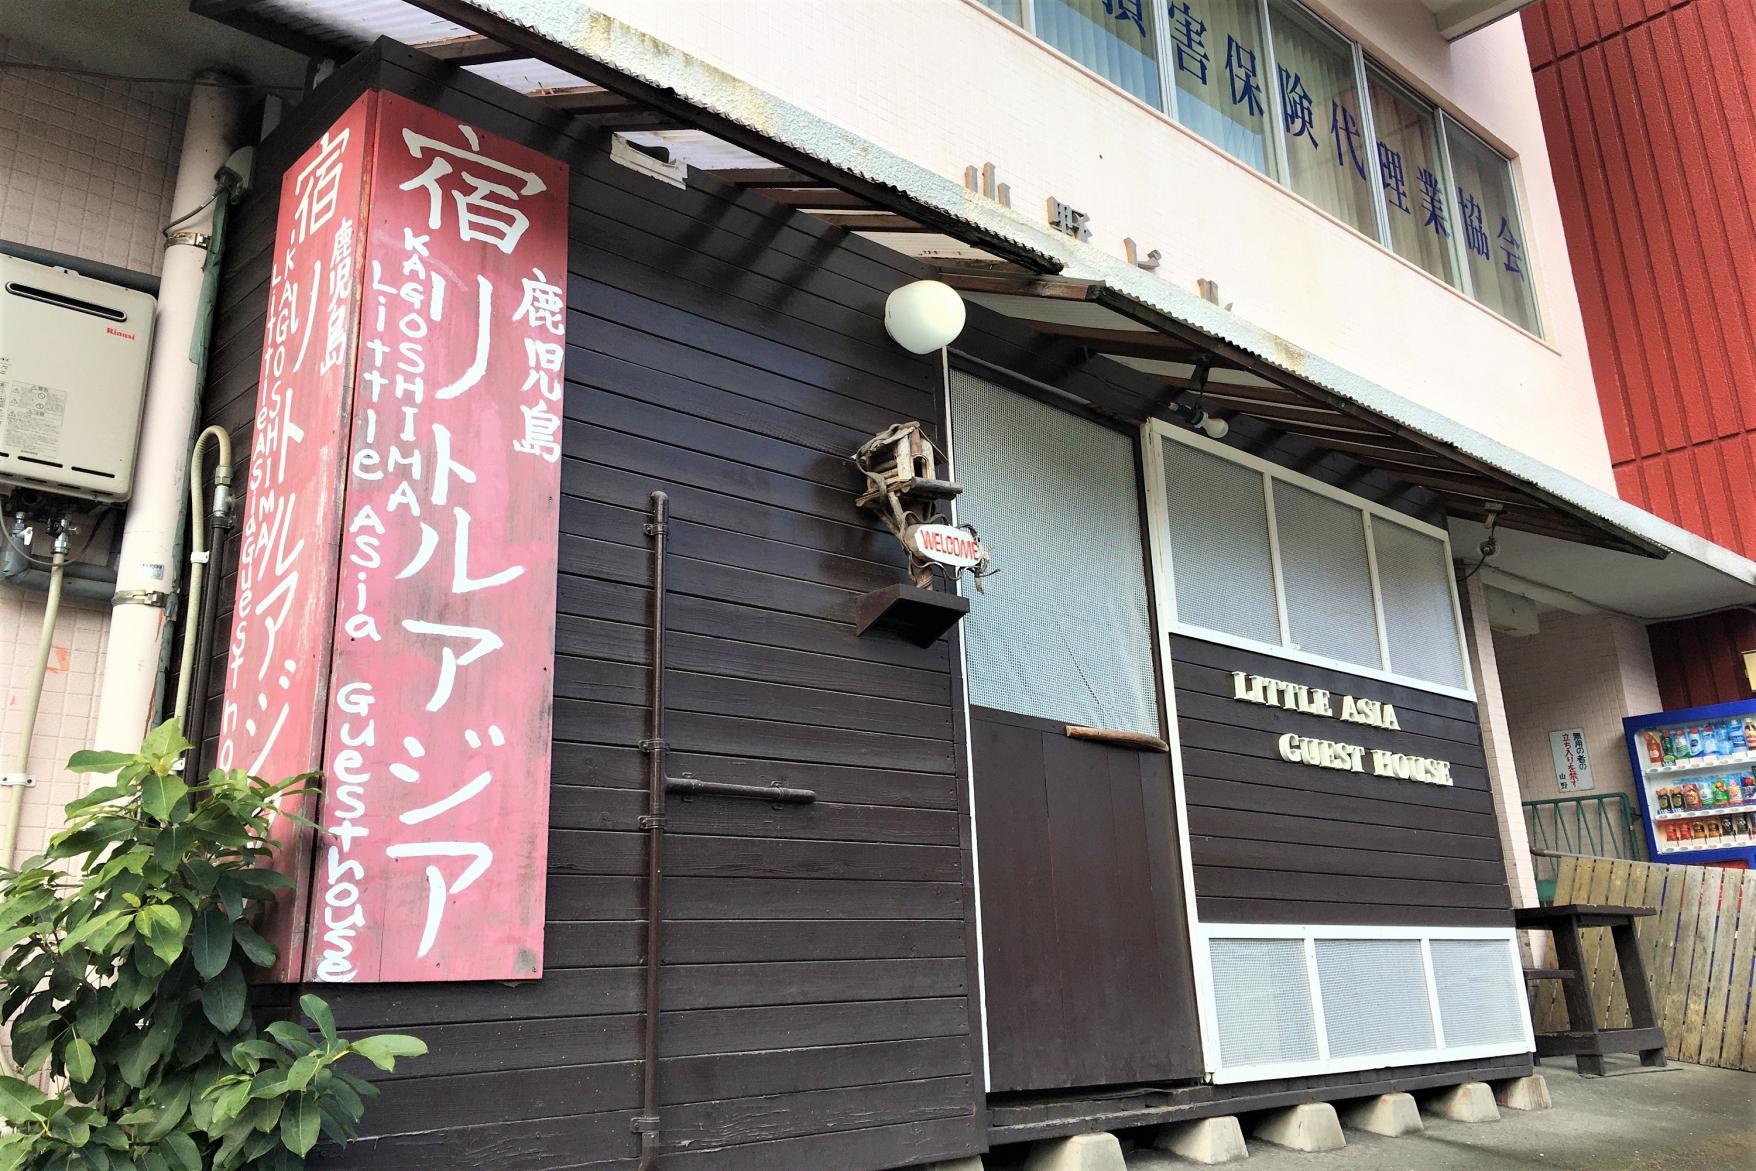 鹿児島ゲストハウス リトルアジア-1